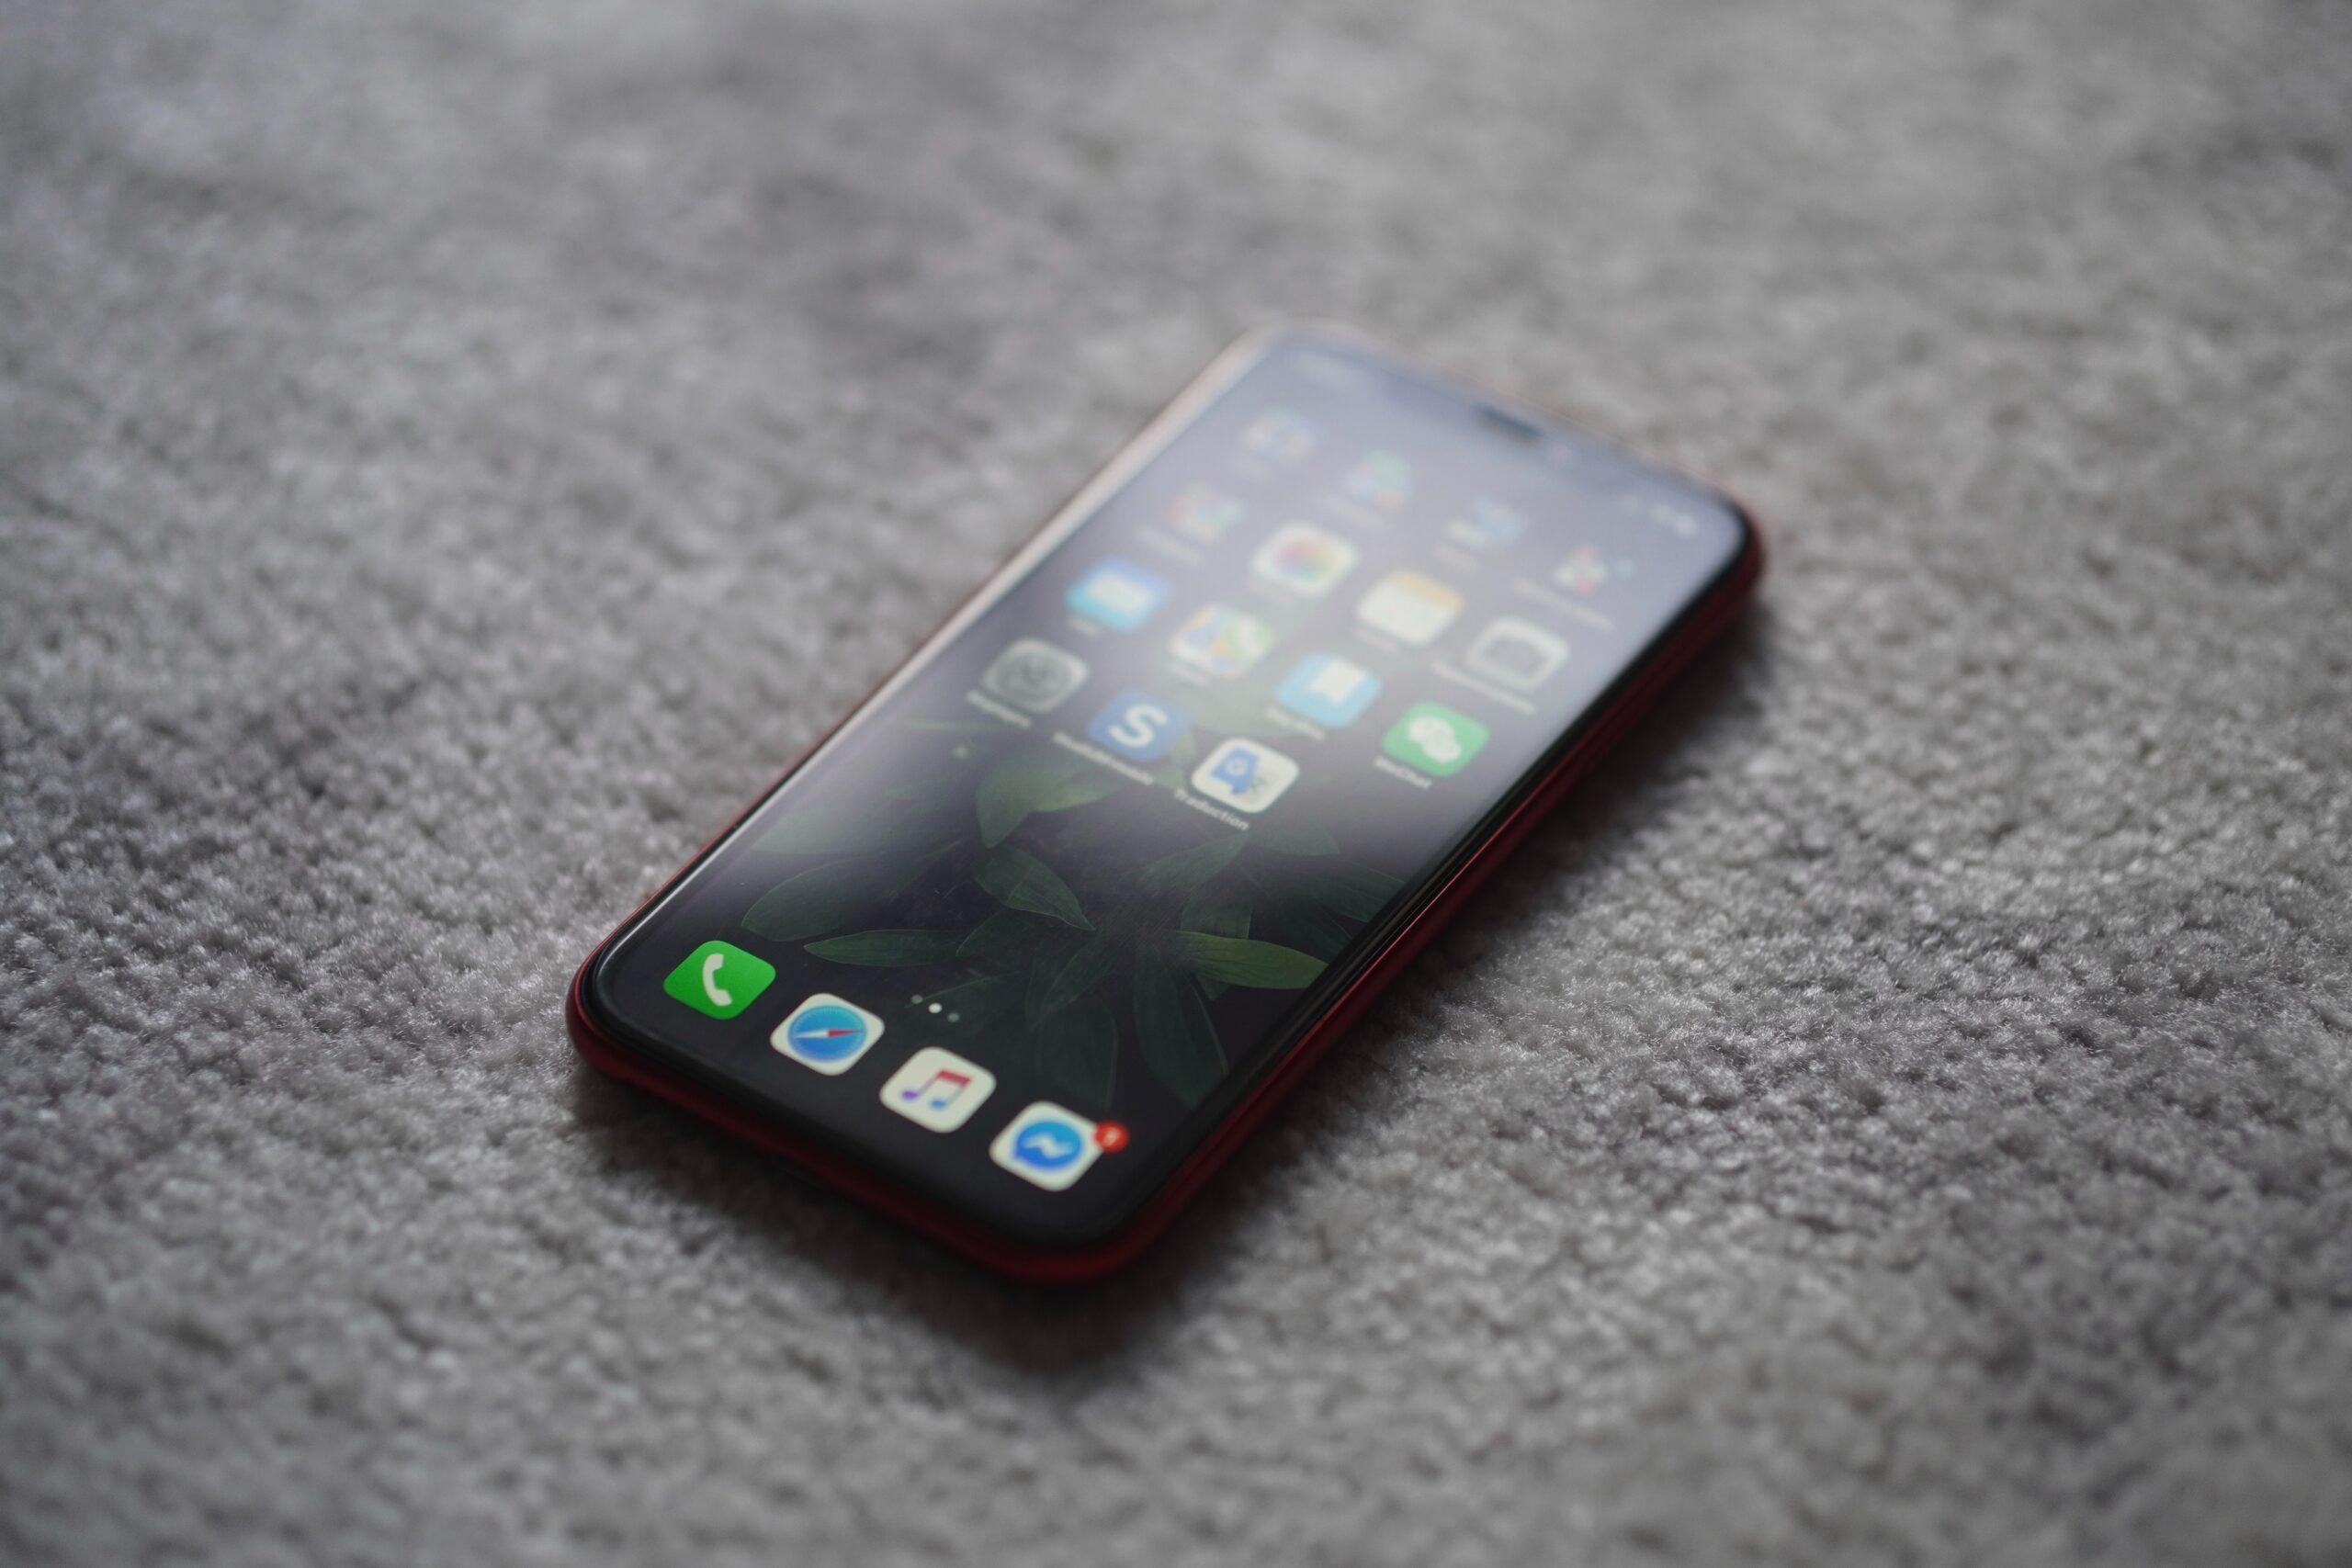 mobil mobiltelefon telefon